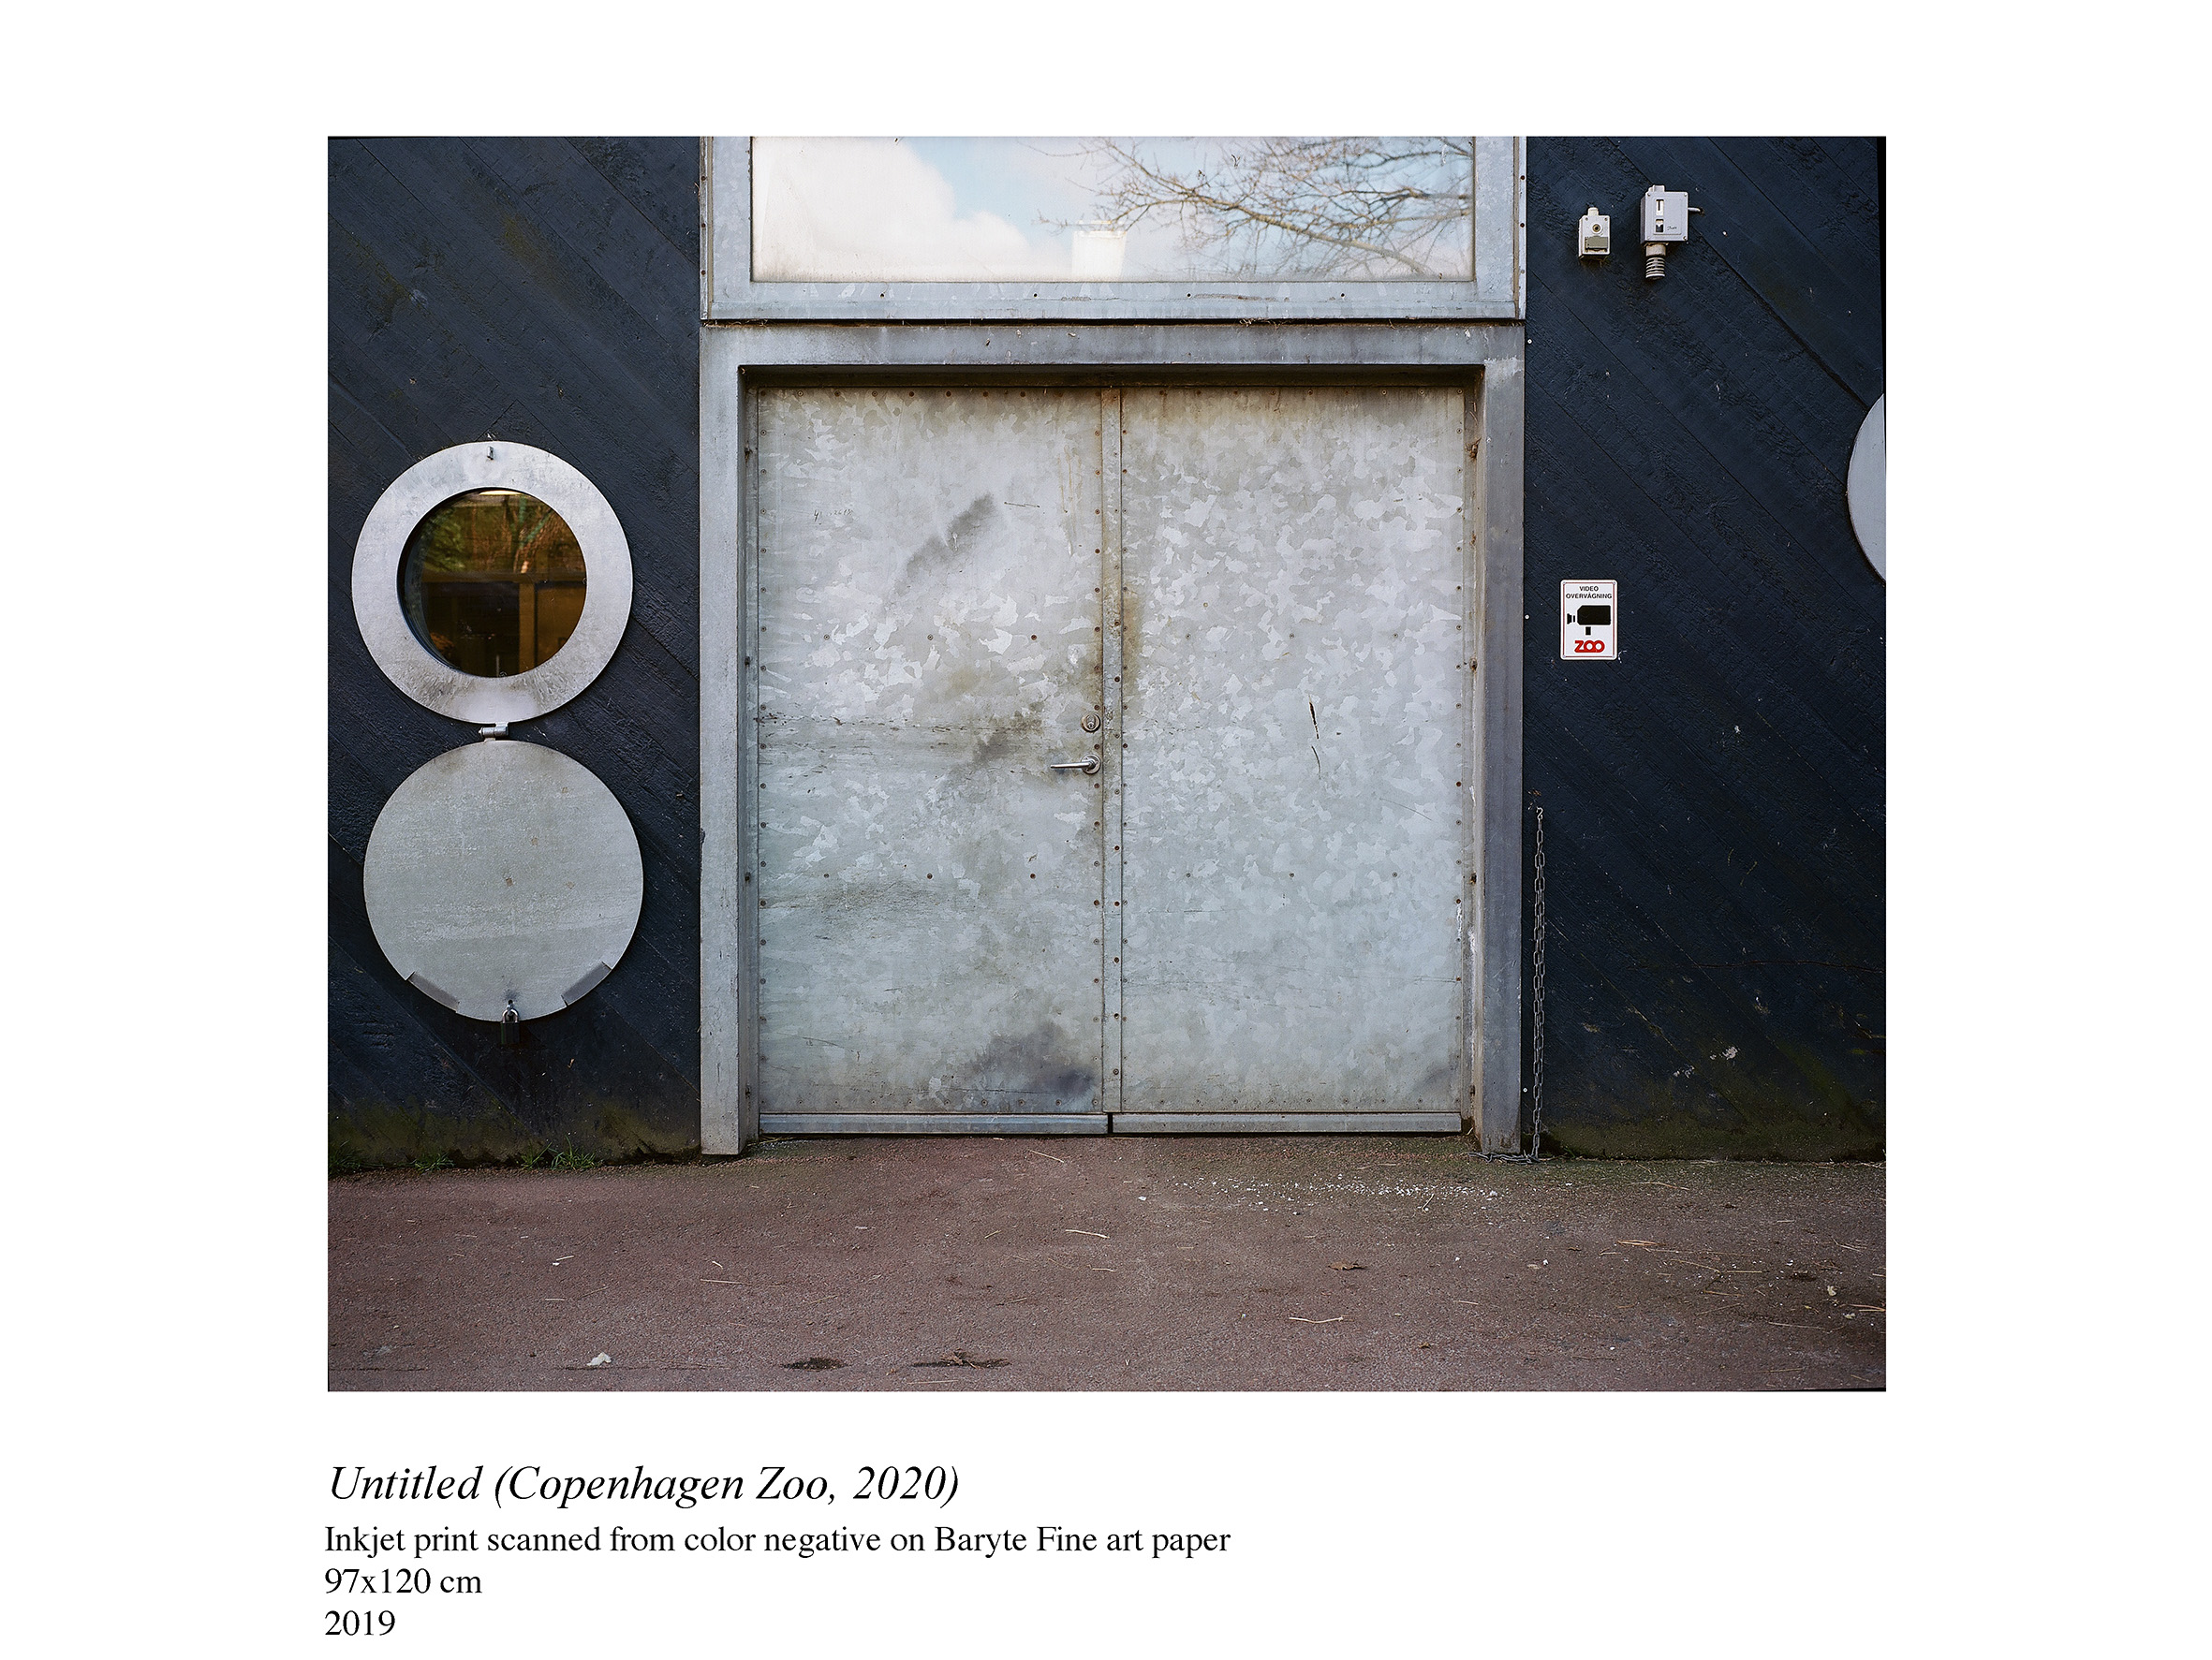 copenhagen 2020 5